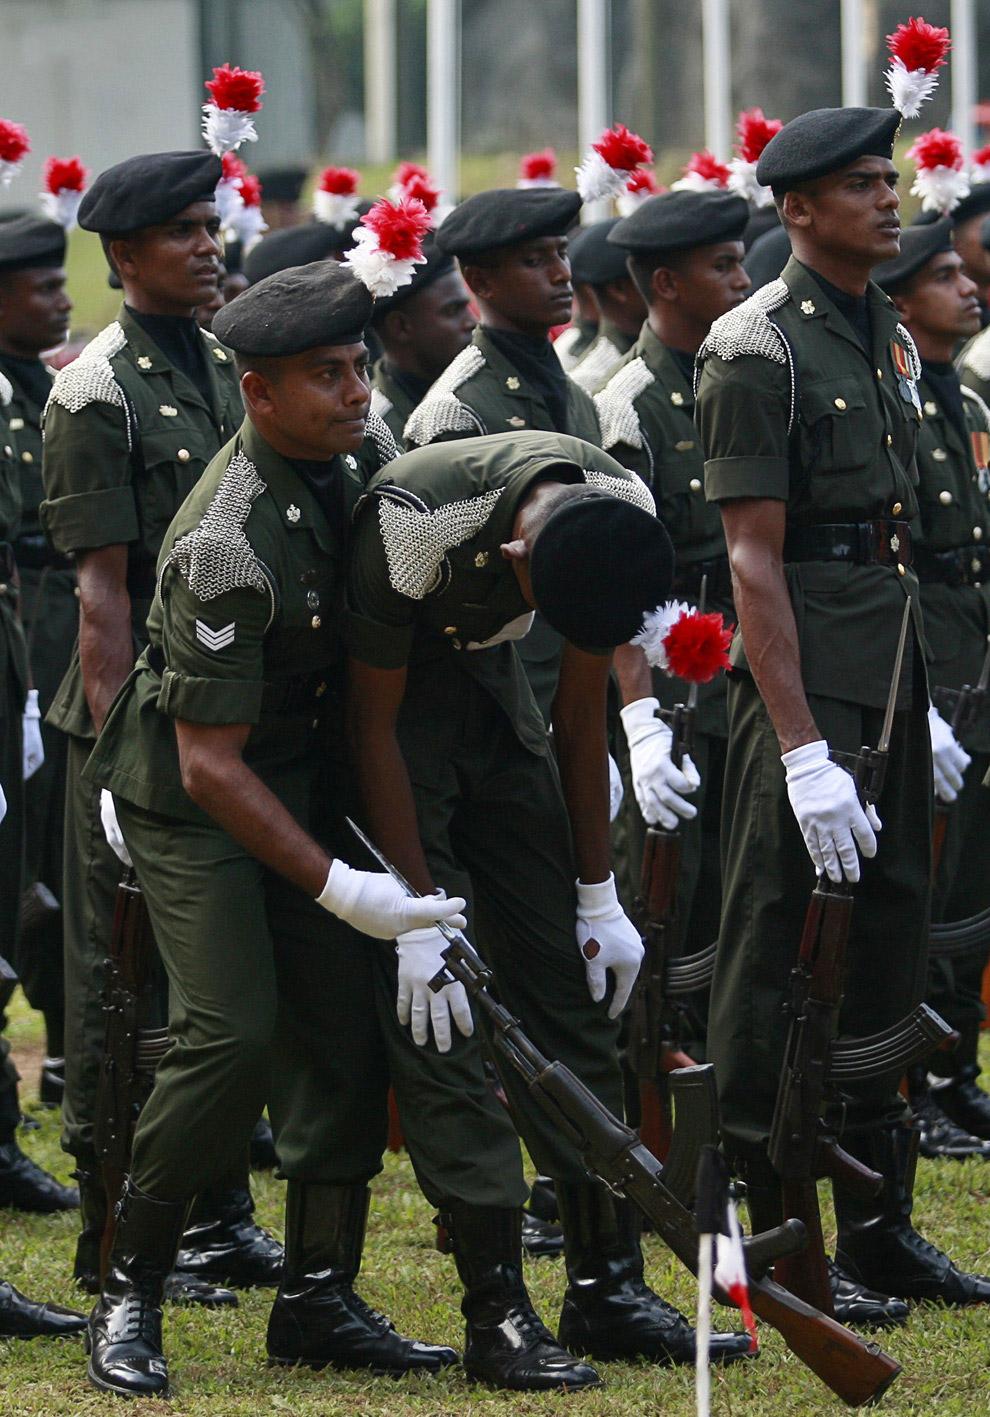 «Сгорел на посту» во время церемонии, посвященной 55-летию армии Шри-Ланки в Коломбо